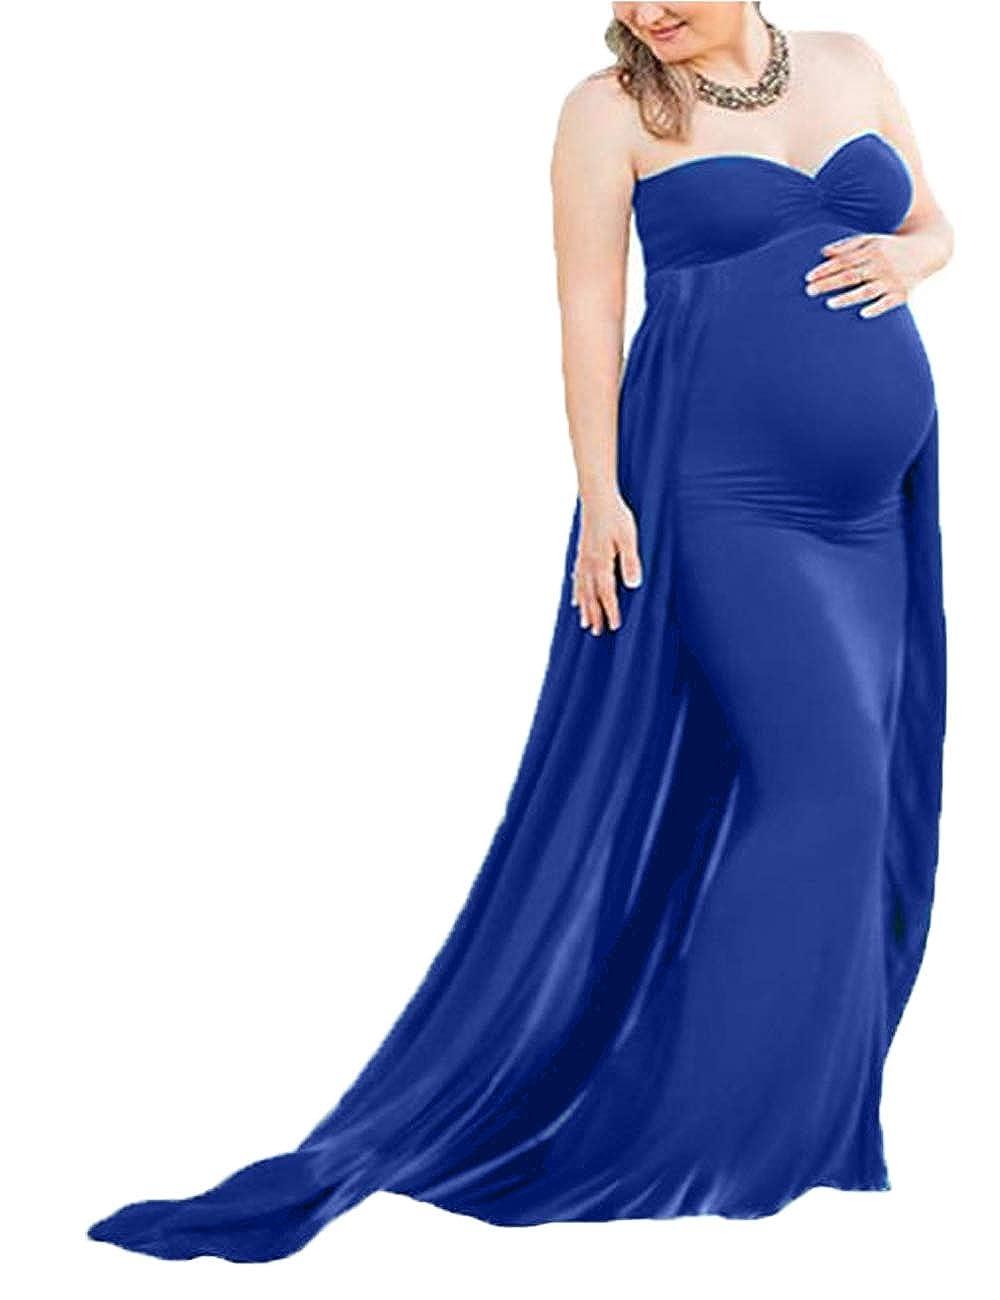 JustVH DRESS レディース B07NPHTD4Q Large ブルー 01 Large ブルー B07NPHTD4Q 01 レディース Large, elife-plus:bf8a8efc --- swot24.net